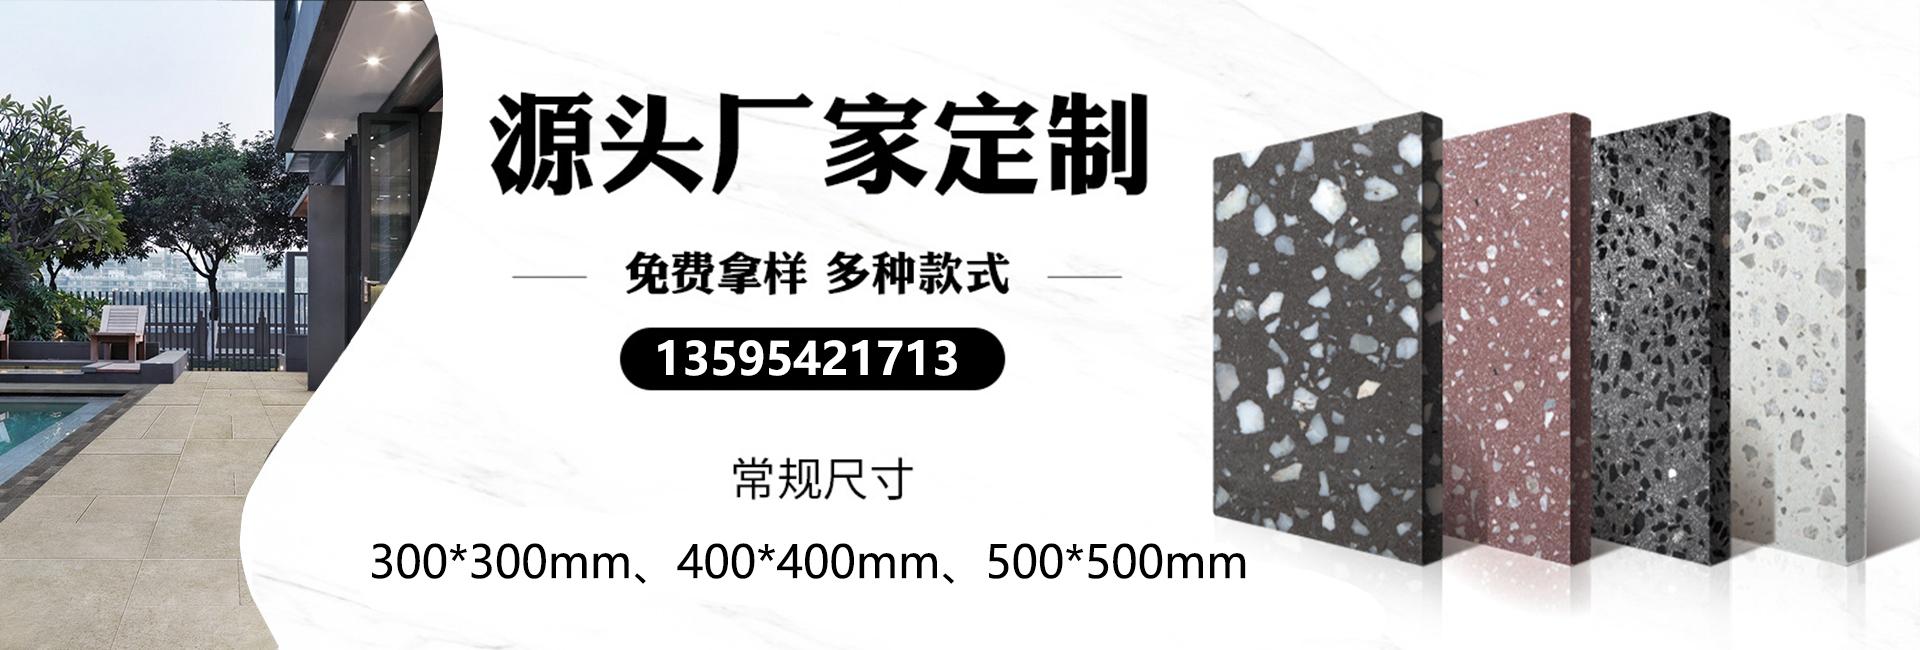 貴州水磨石廠家